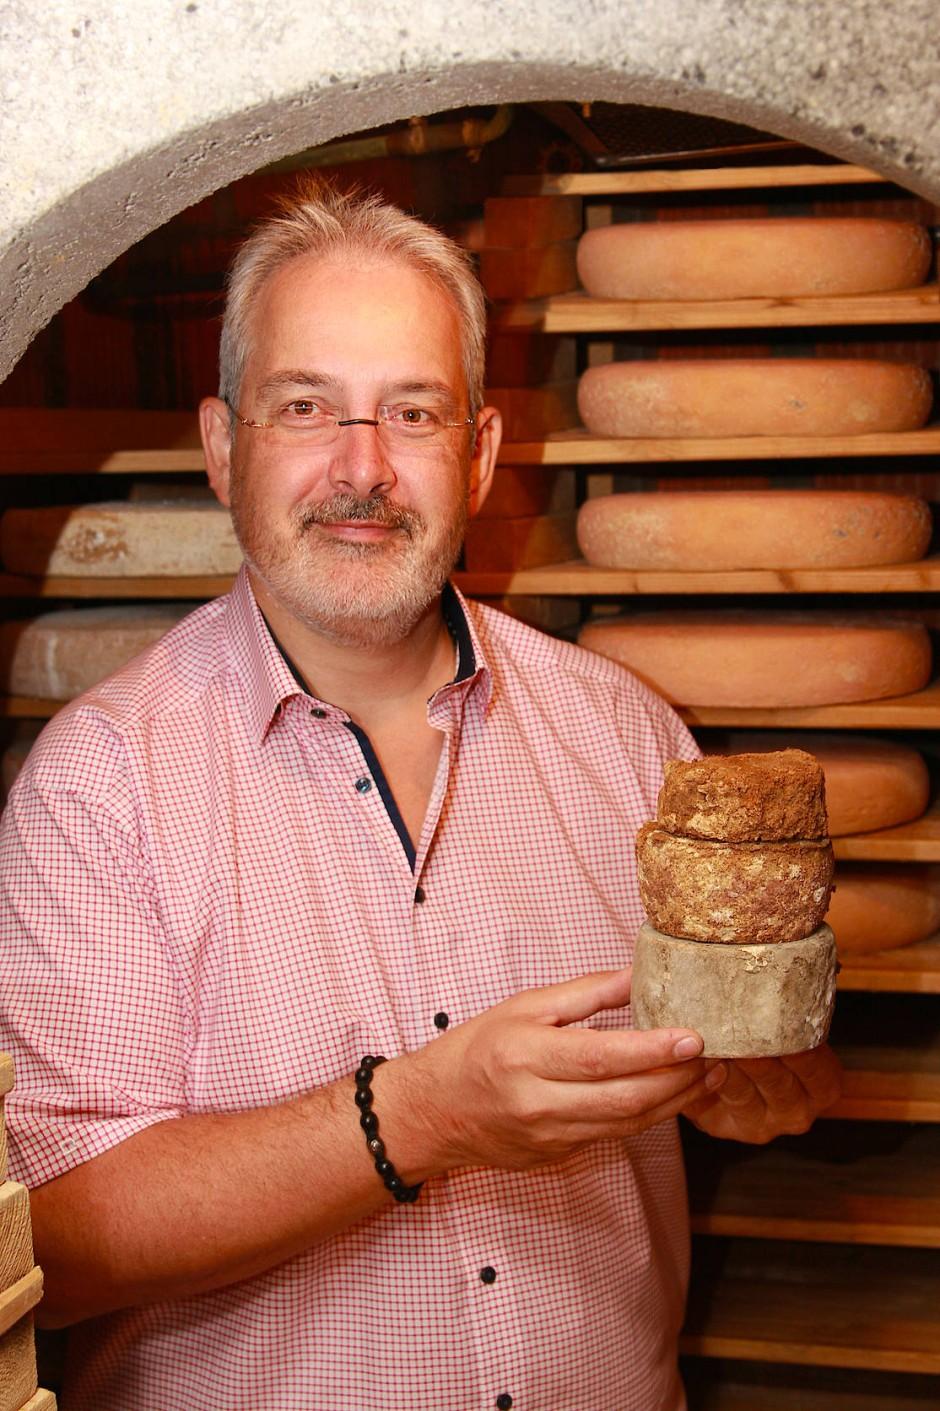 Schafft besonderes aus jedem Käse: Affineur Volker Waltmann